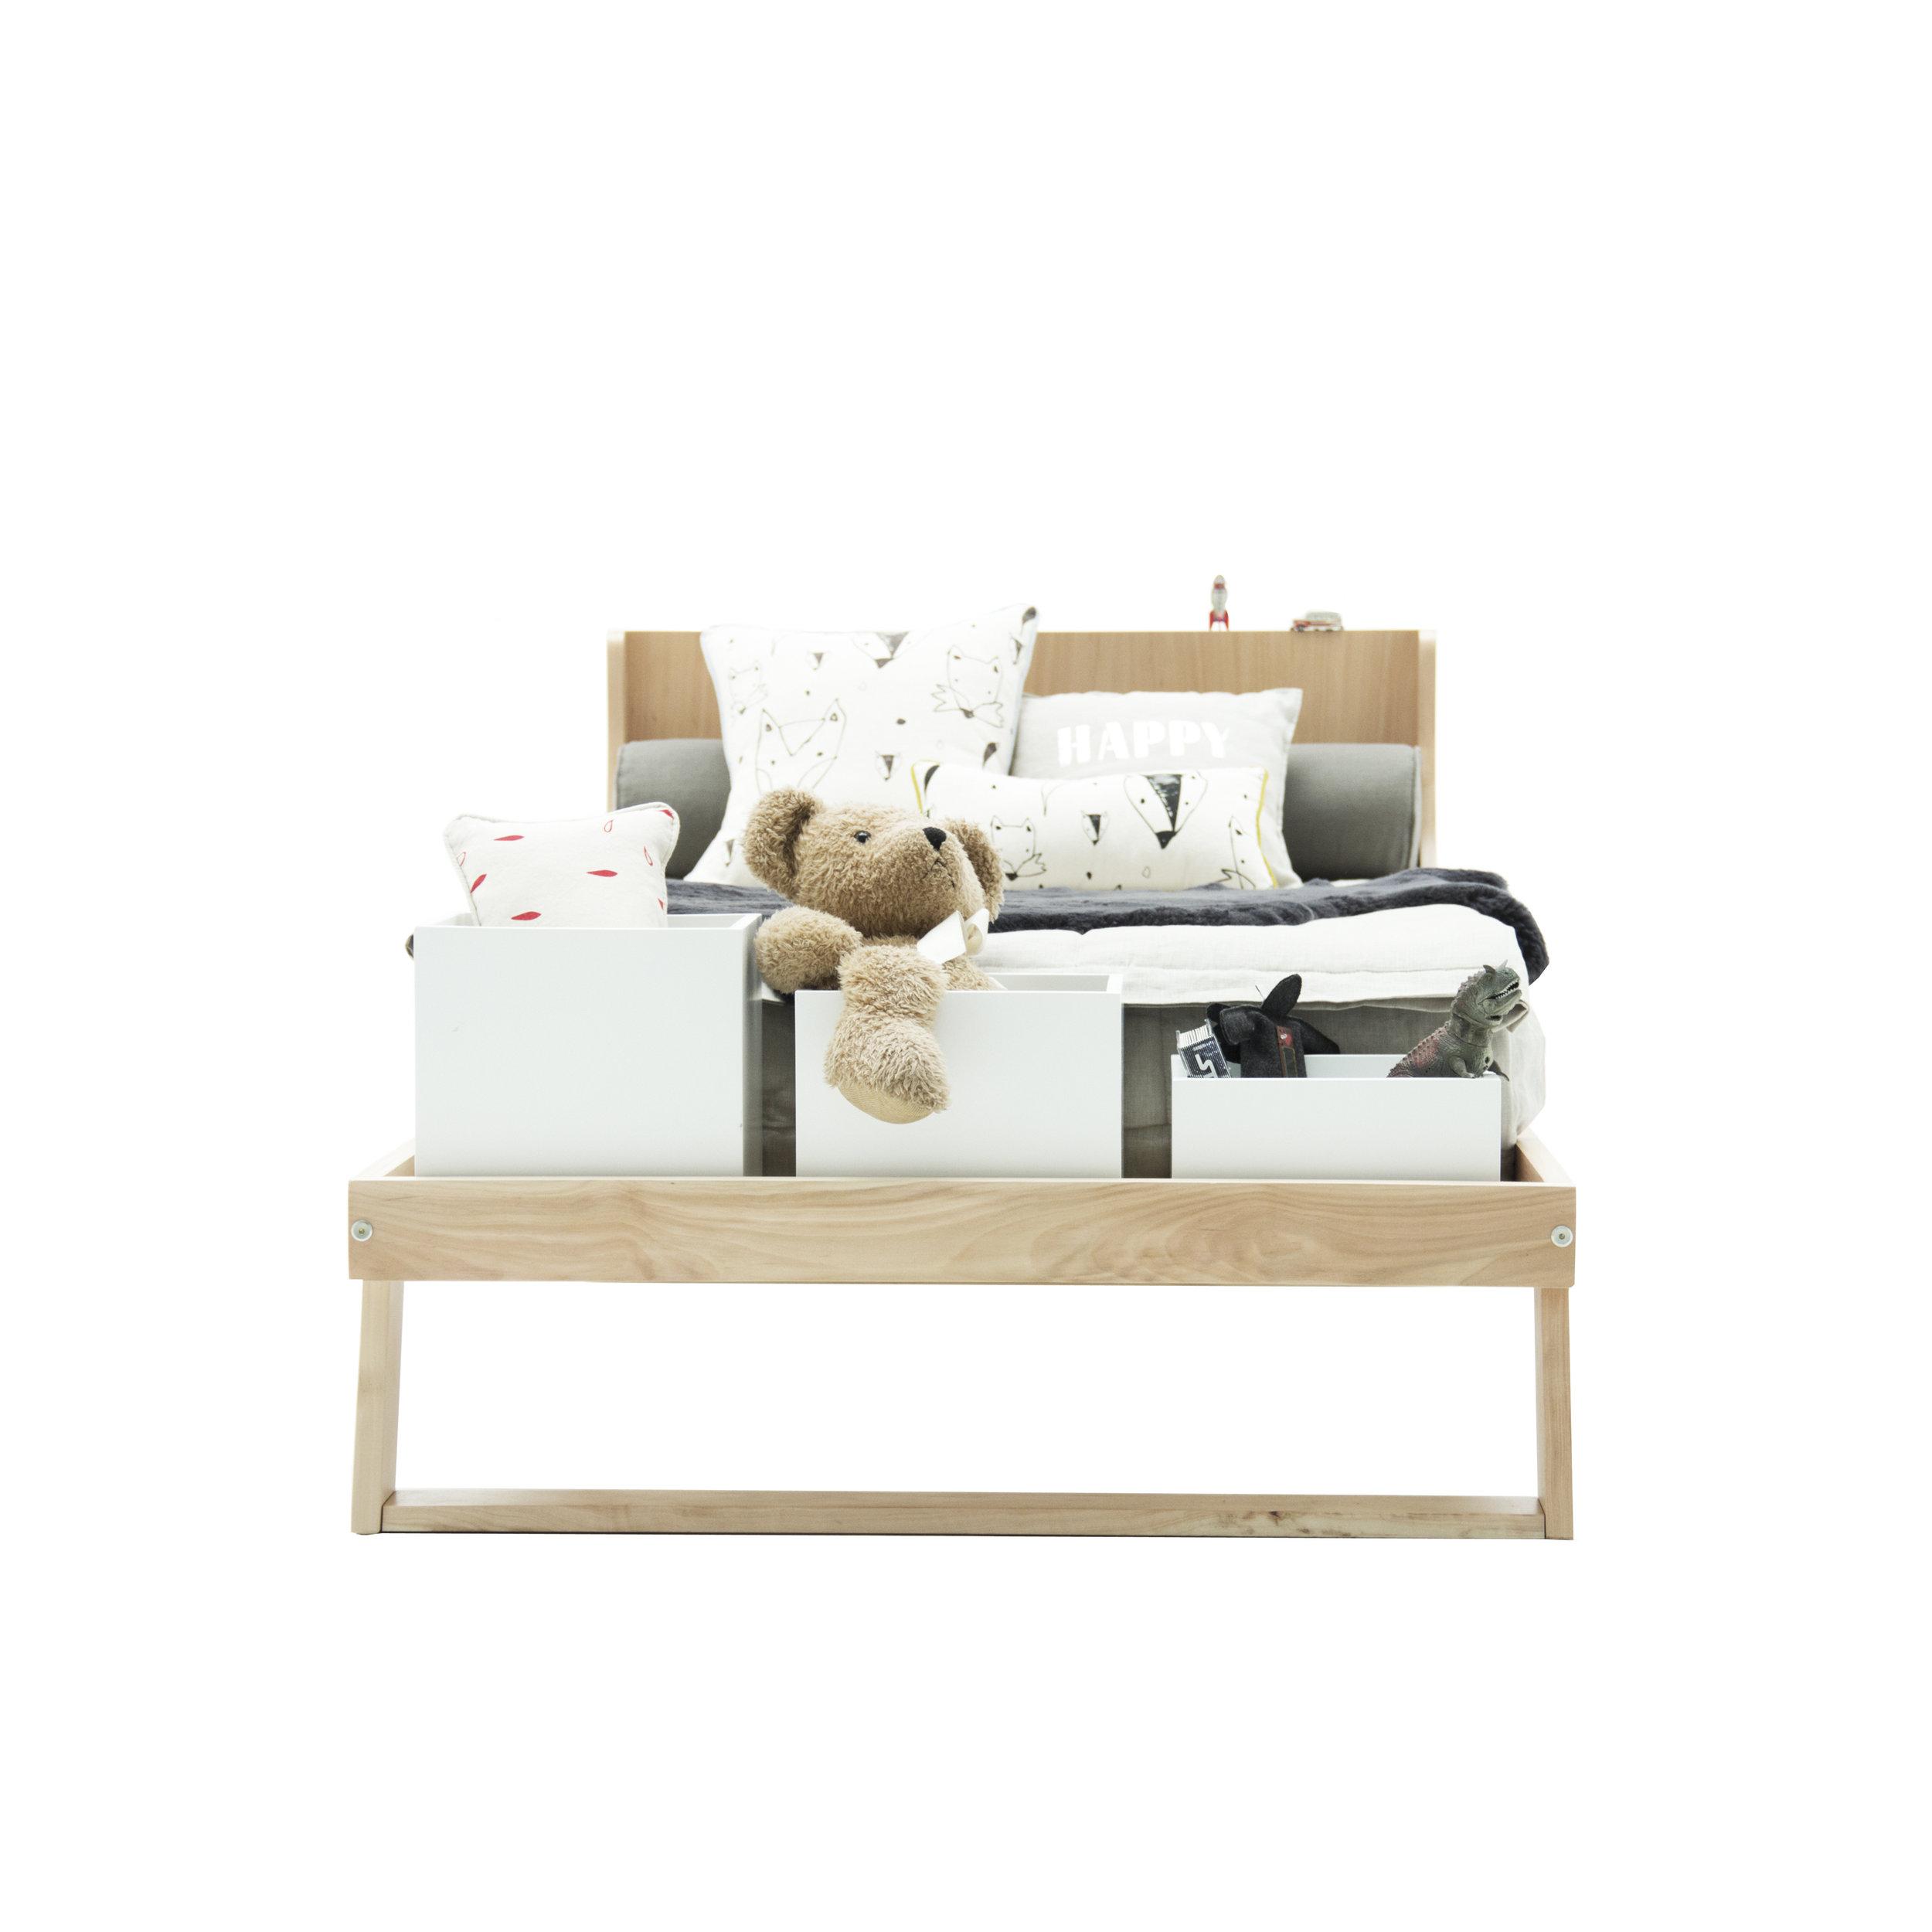 KH_Nido_Bed_low-backrest_01.jpg